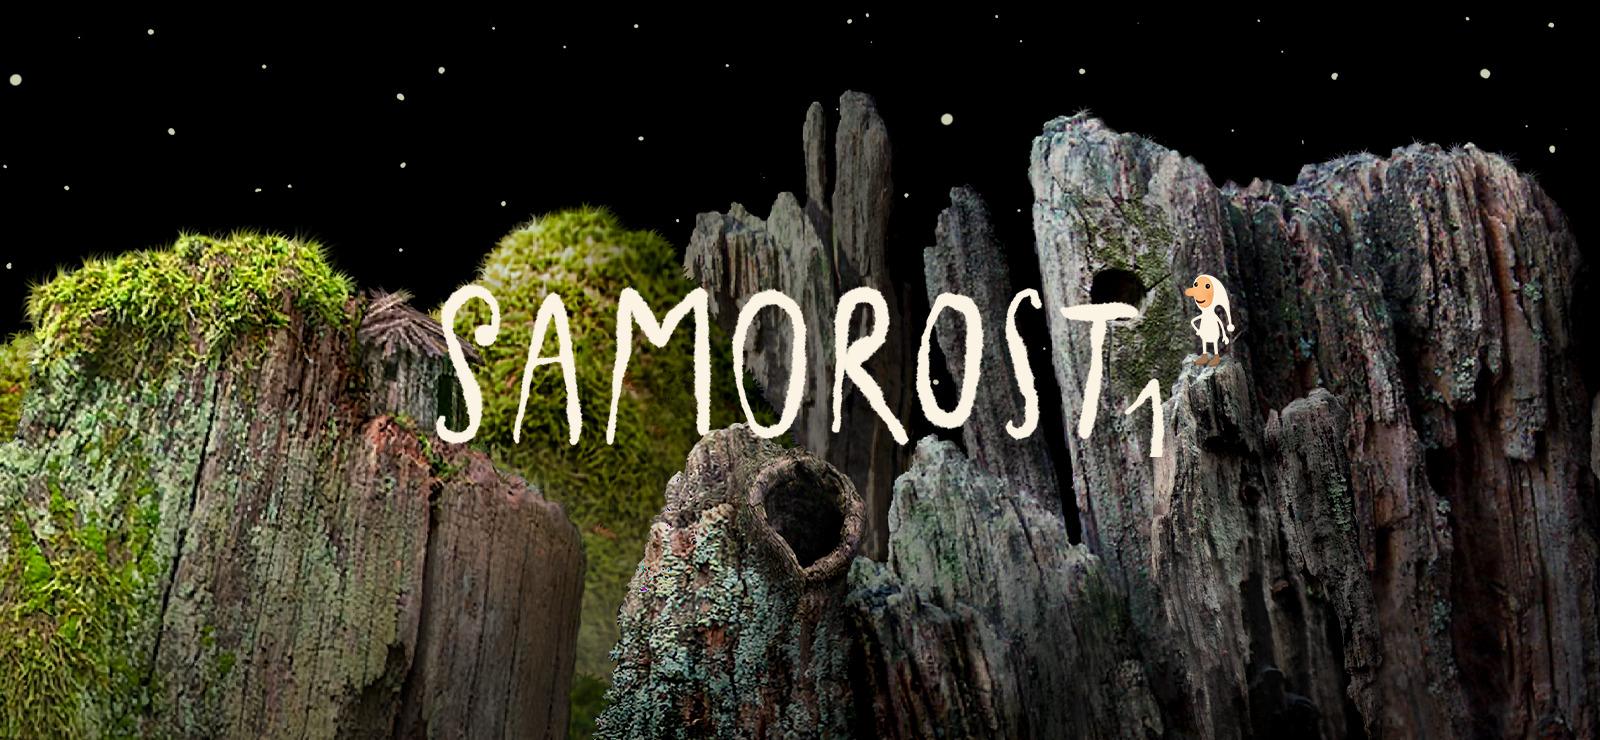 Samorost 1 on GOG.com